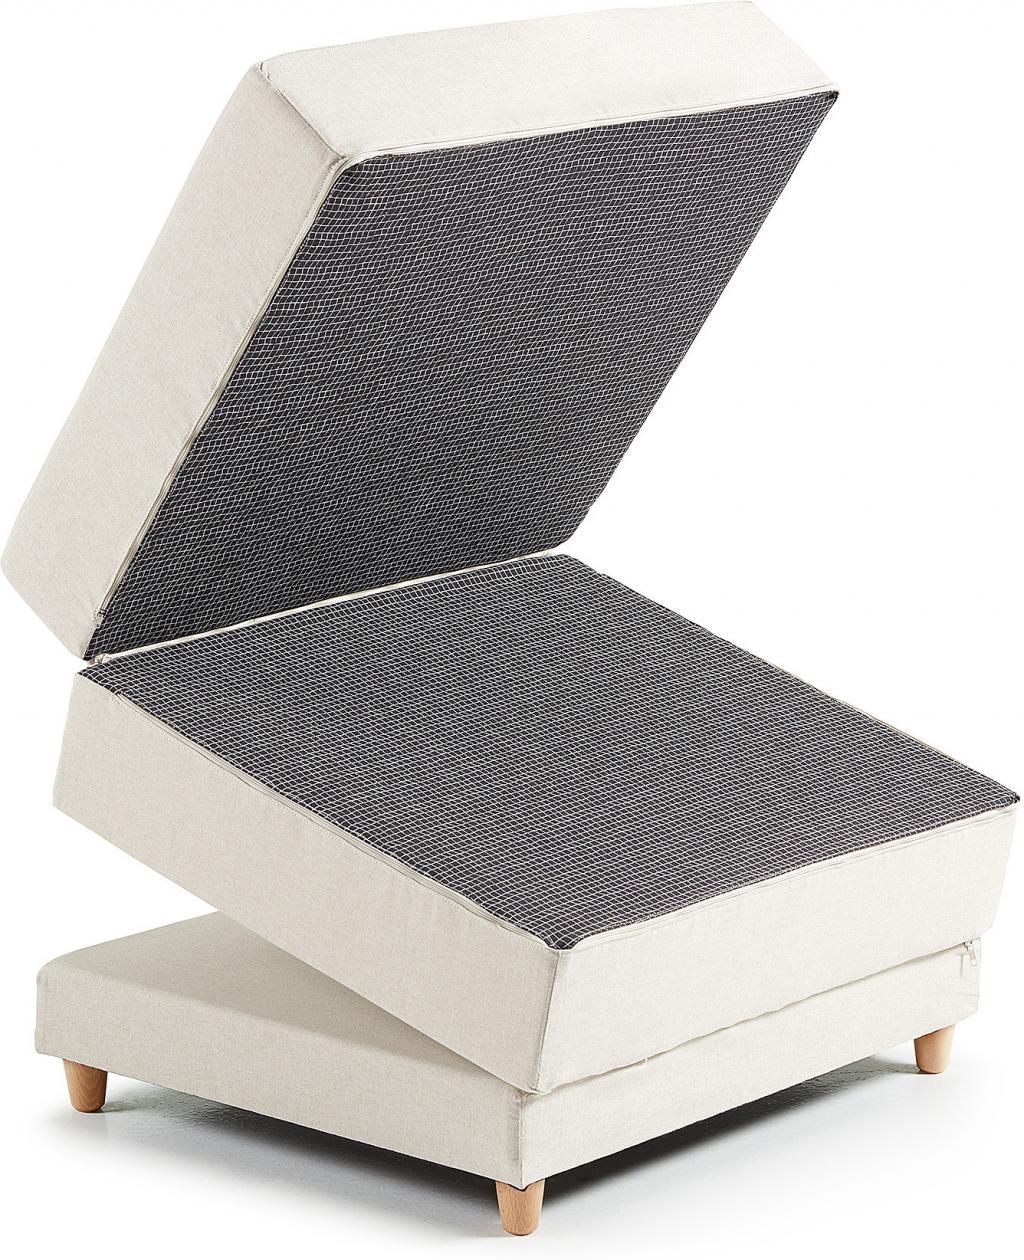 hocker bett kos faltbar grau la forma kaufen wohn und lifestylewebshop. Black Bedroom Furniture Sets. Home Design Ideas